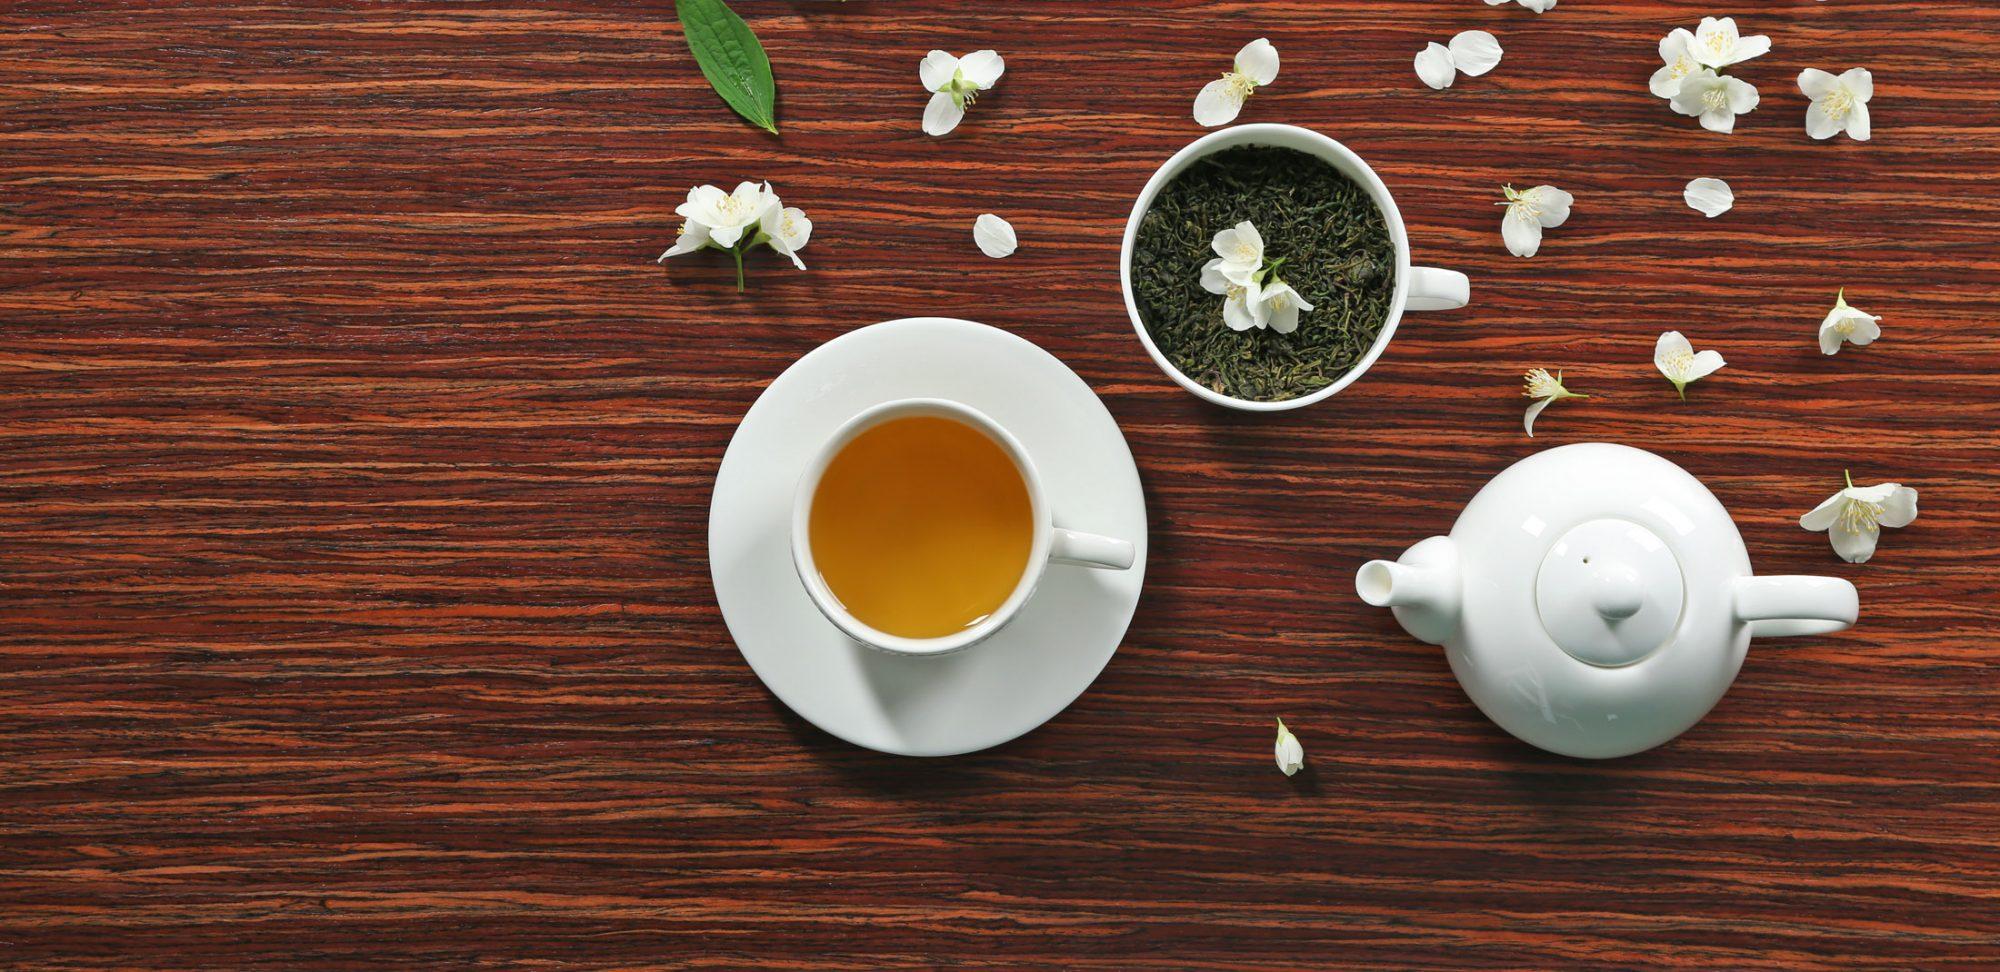 Jurnal de iubitori de ceaiuri